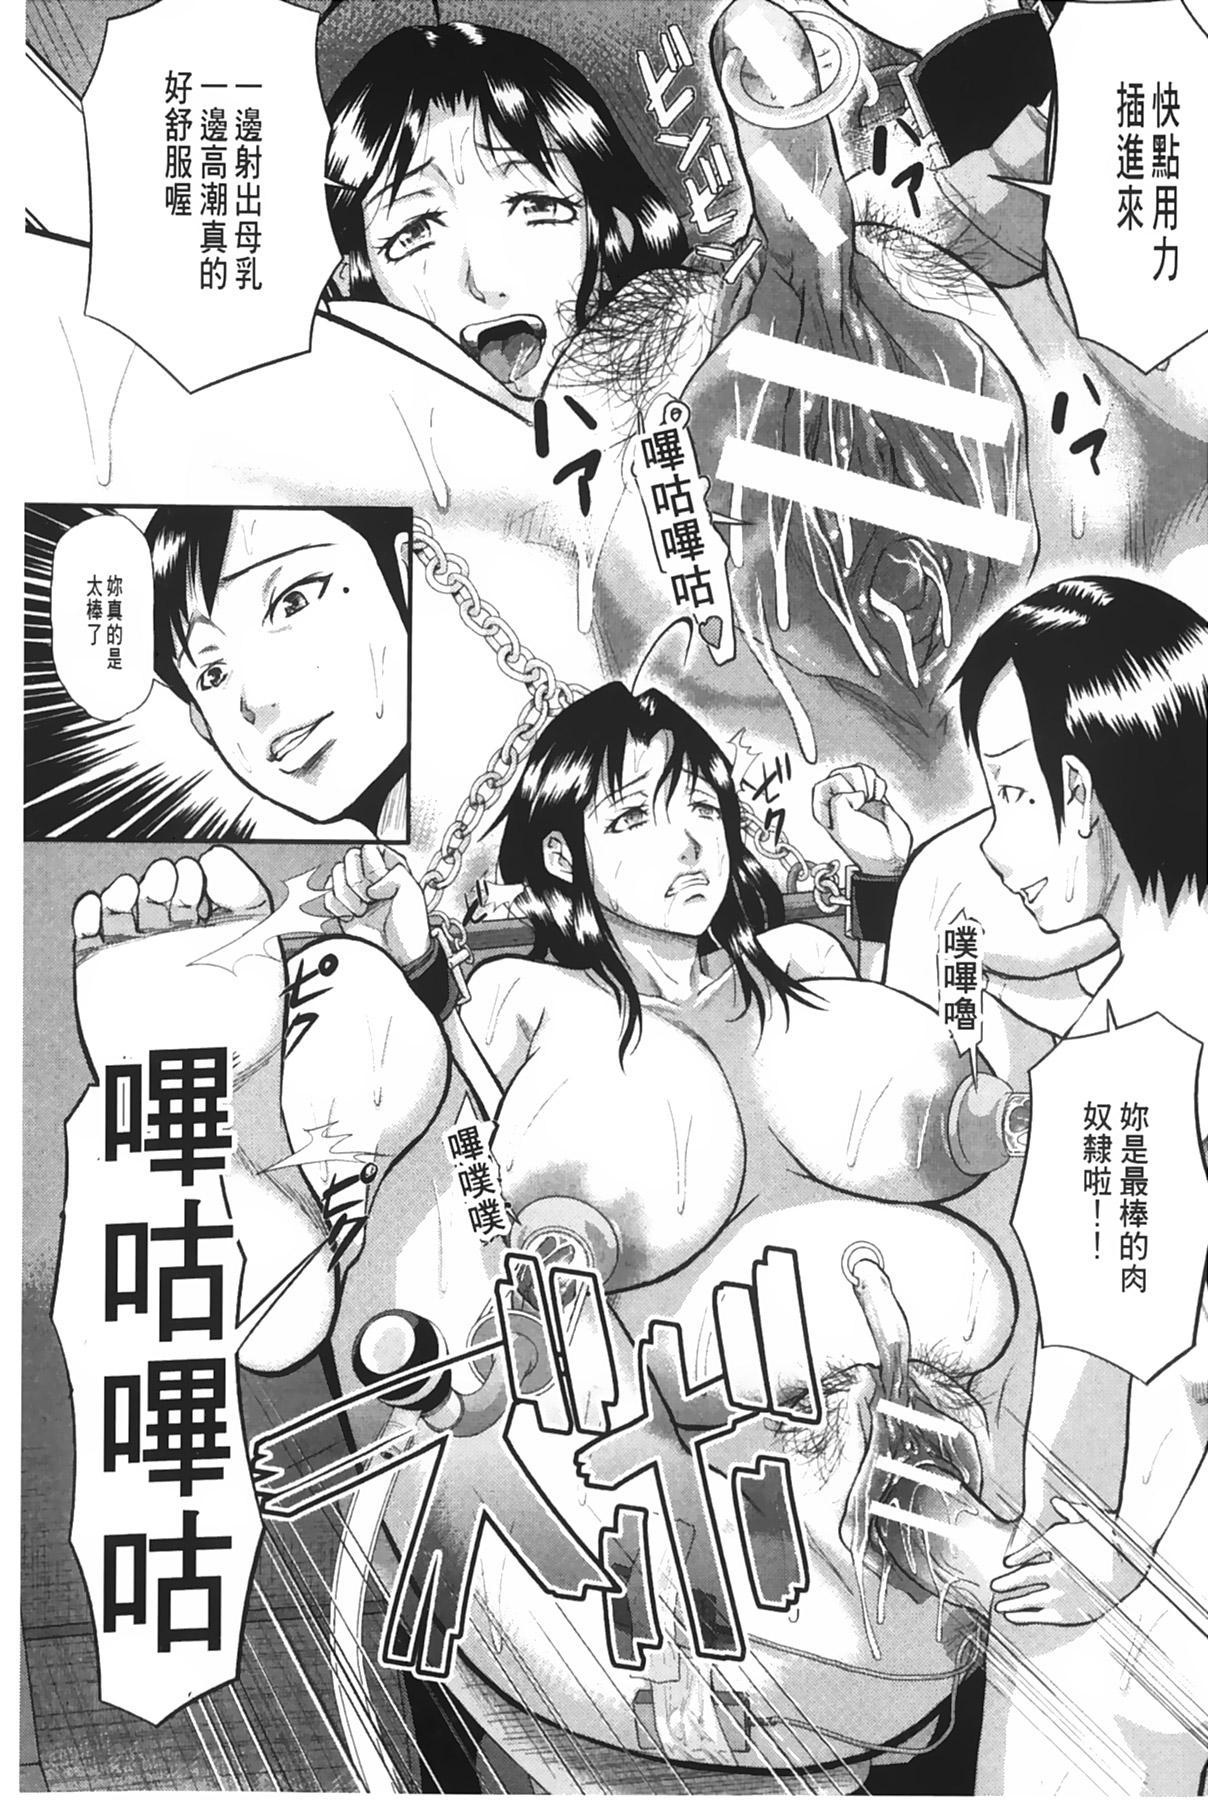 [Honebuto Danshaku] Onna Jigoku Niku no Tsubo~Hentai Rui Inran Ka Mesu Buta Ichidaiki~ | 女地獄、肉之壺 ~変態類淫乱科淫母豬一代記~ [Chinese] 99